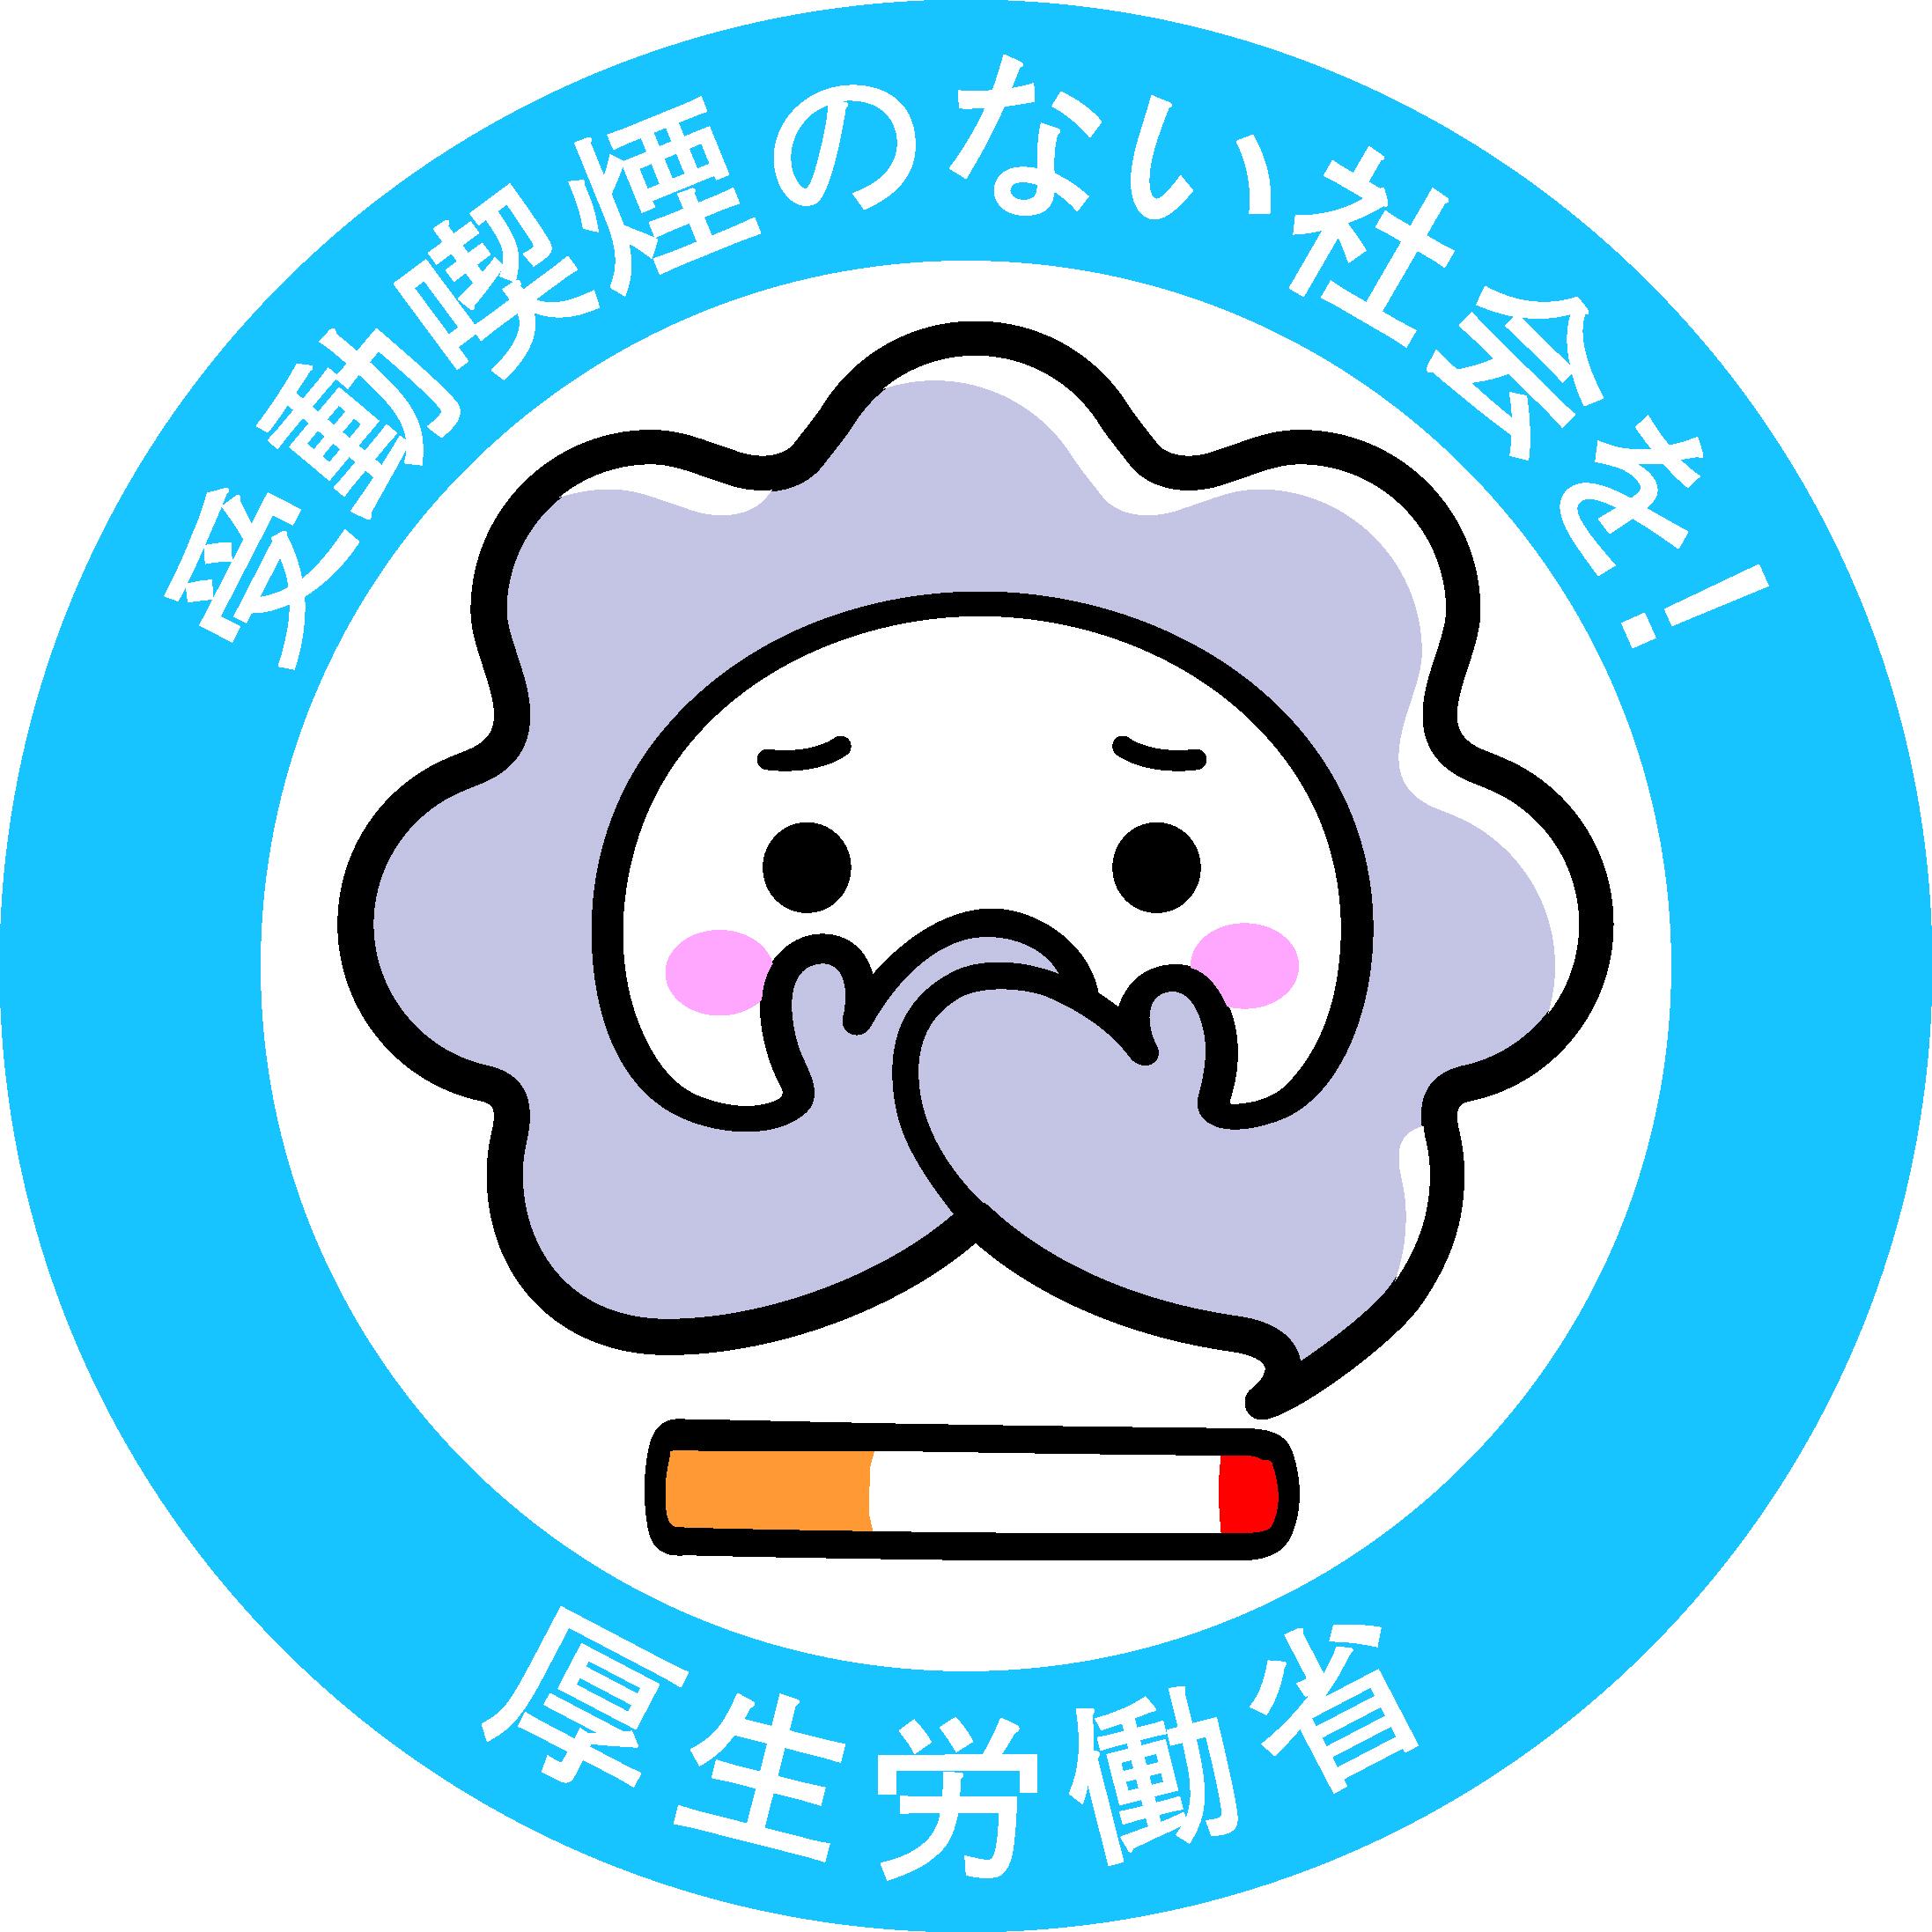 受動喫煙防止ロゴ